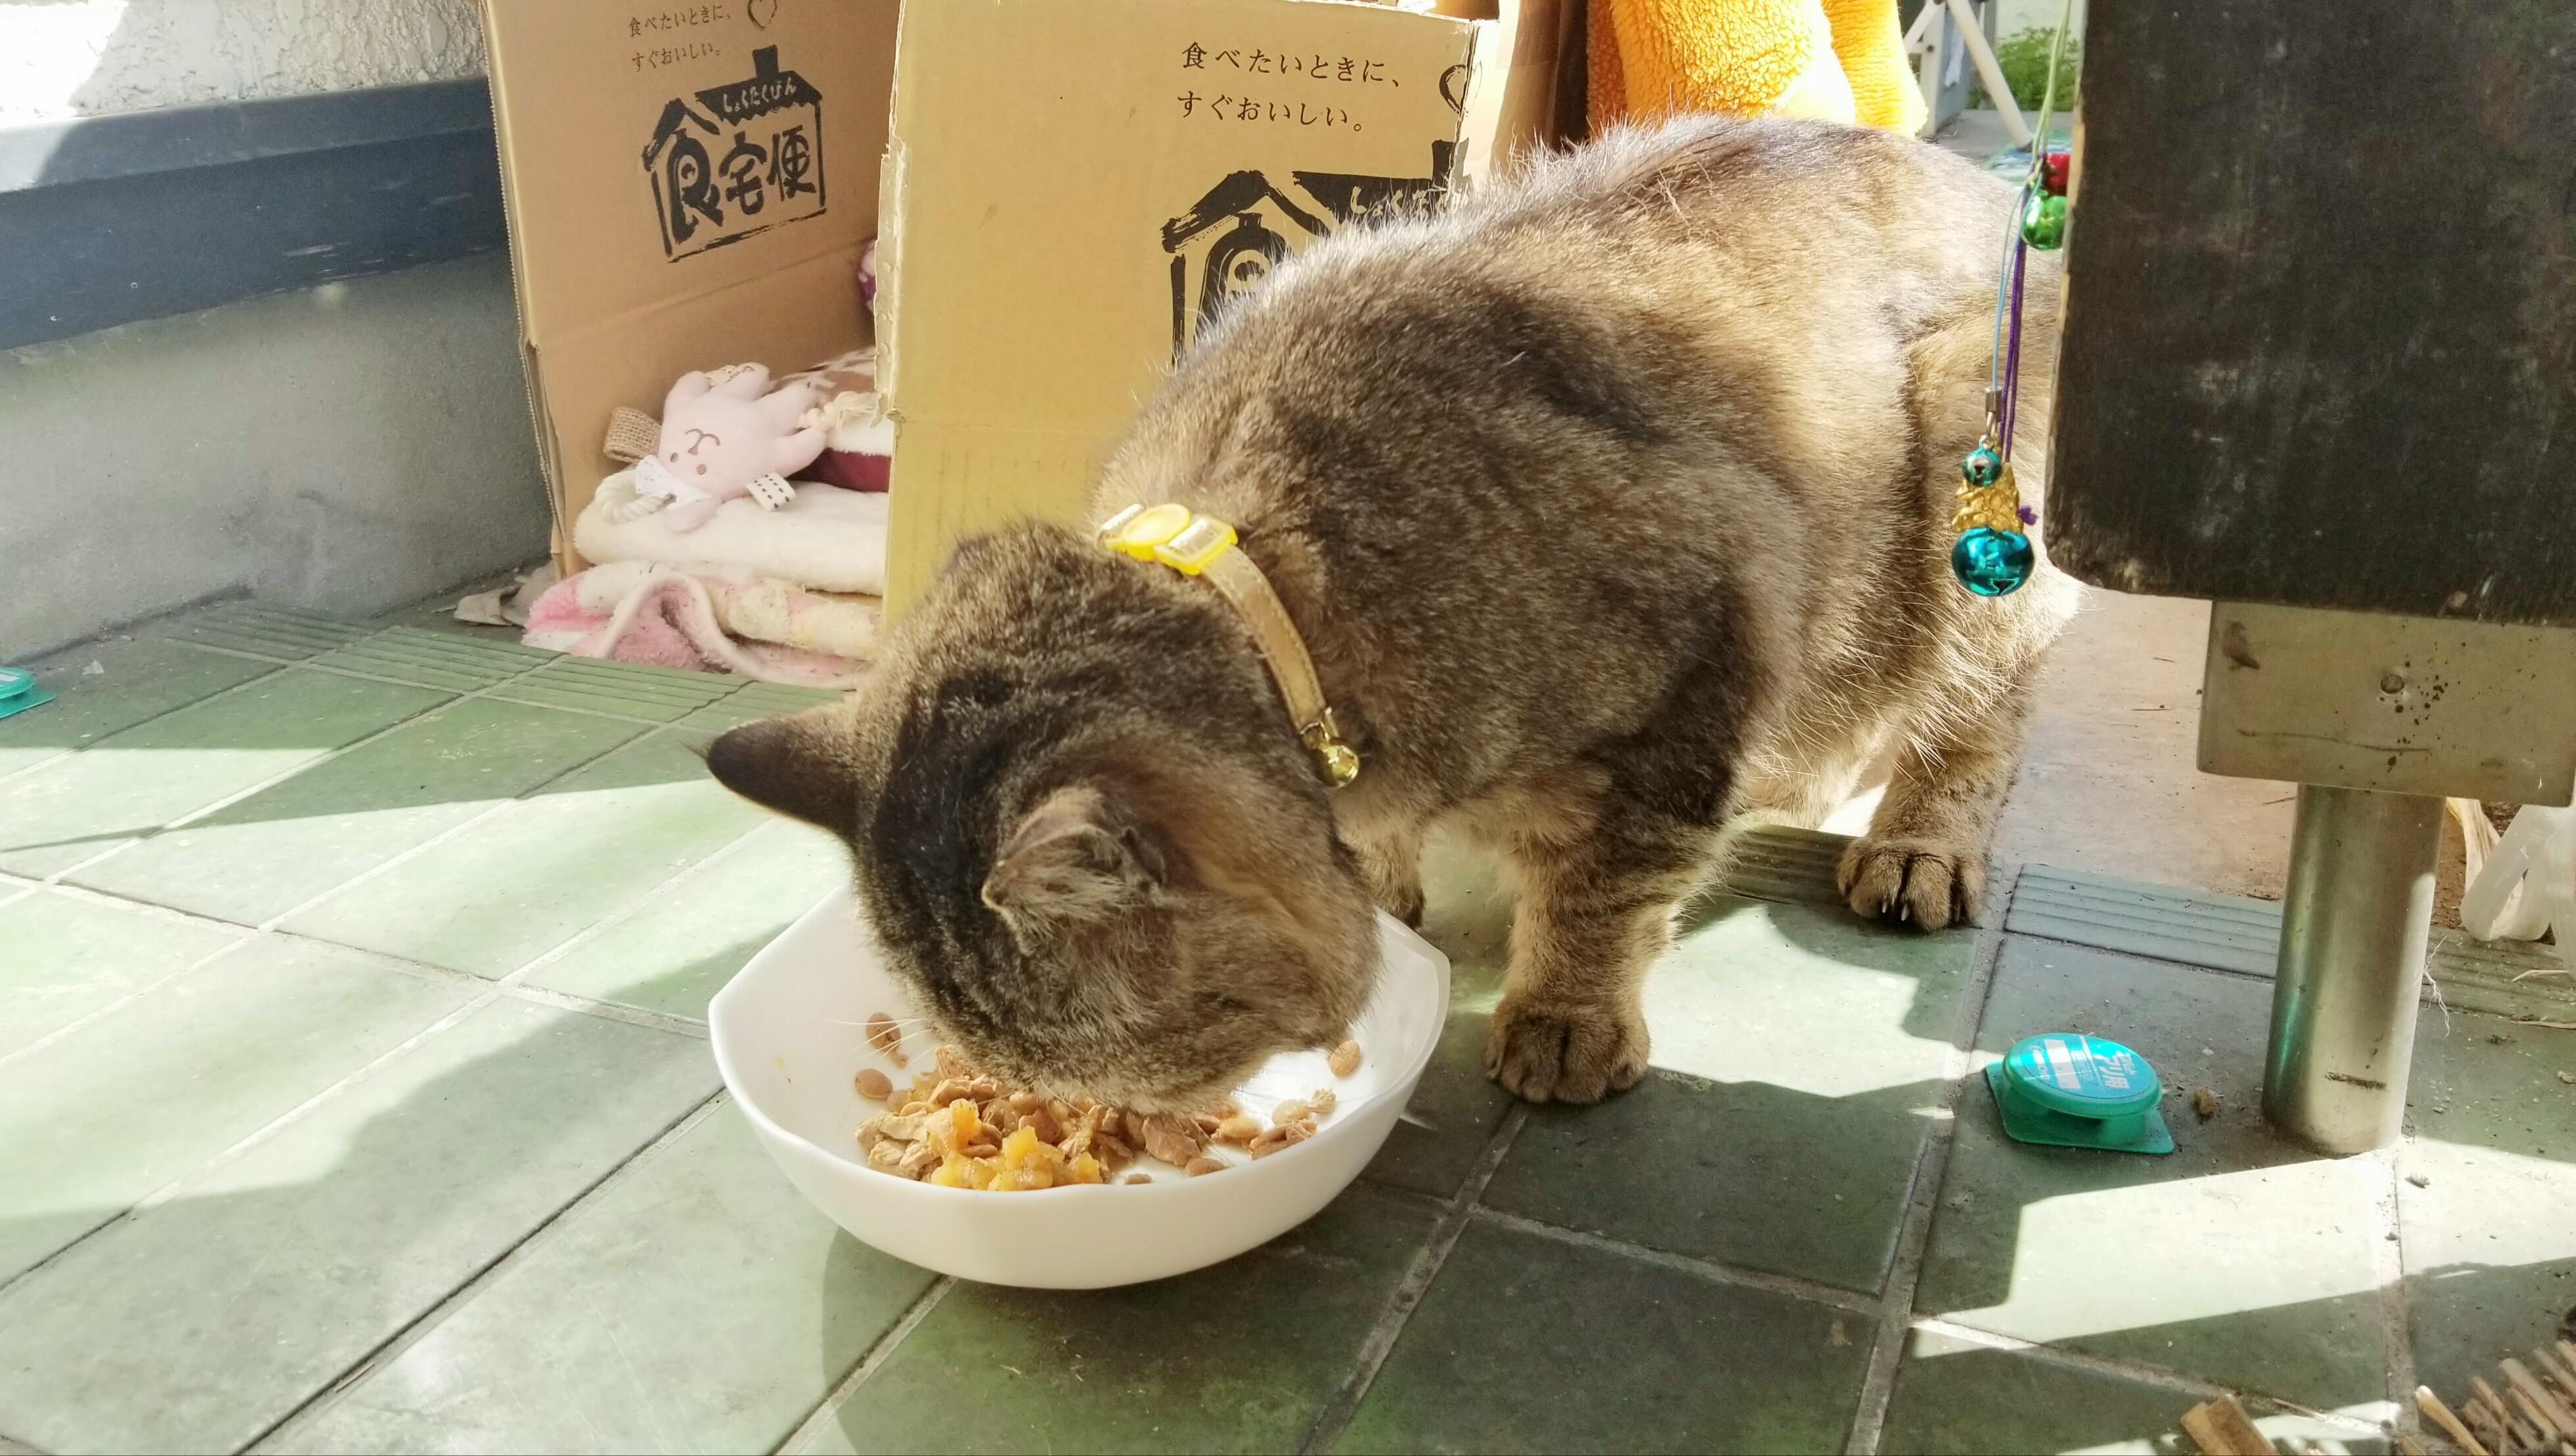 野良猫ちゃん保護老にゃんこご飯の時間食欲旺盛怪我回復完治安心